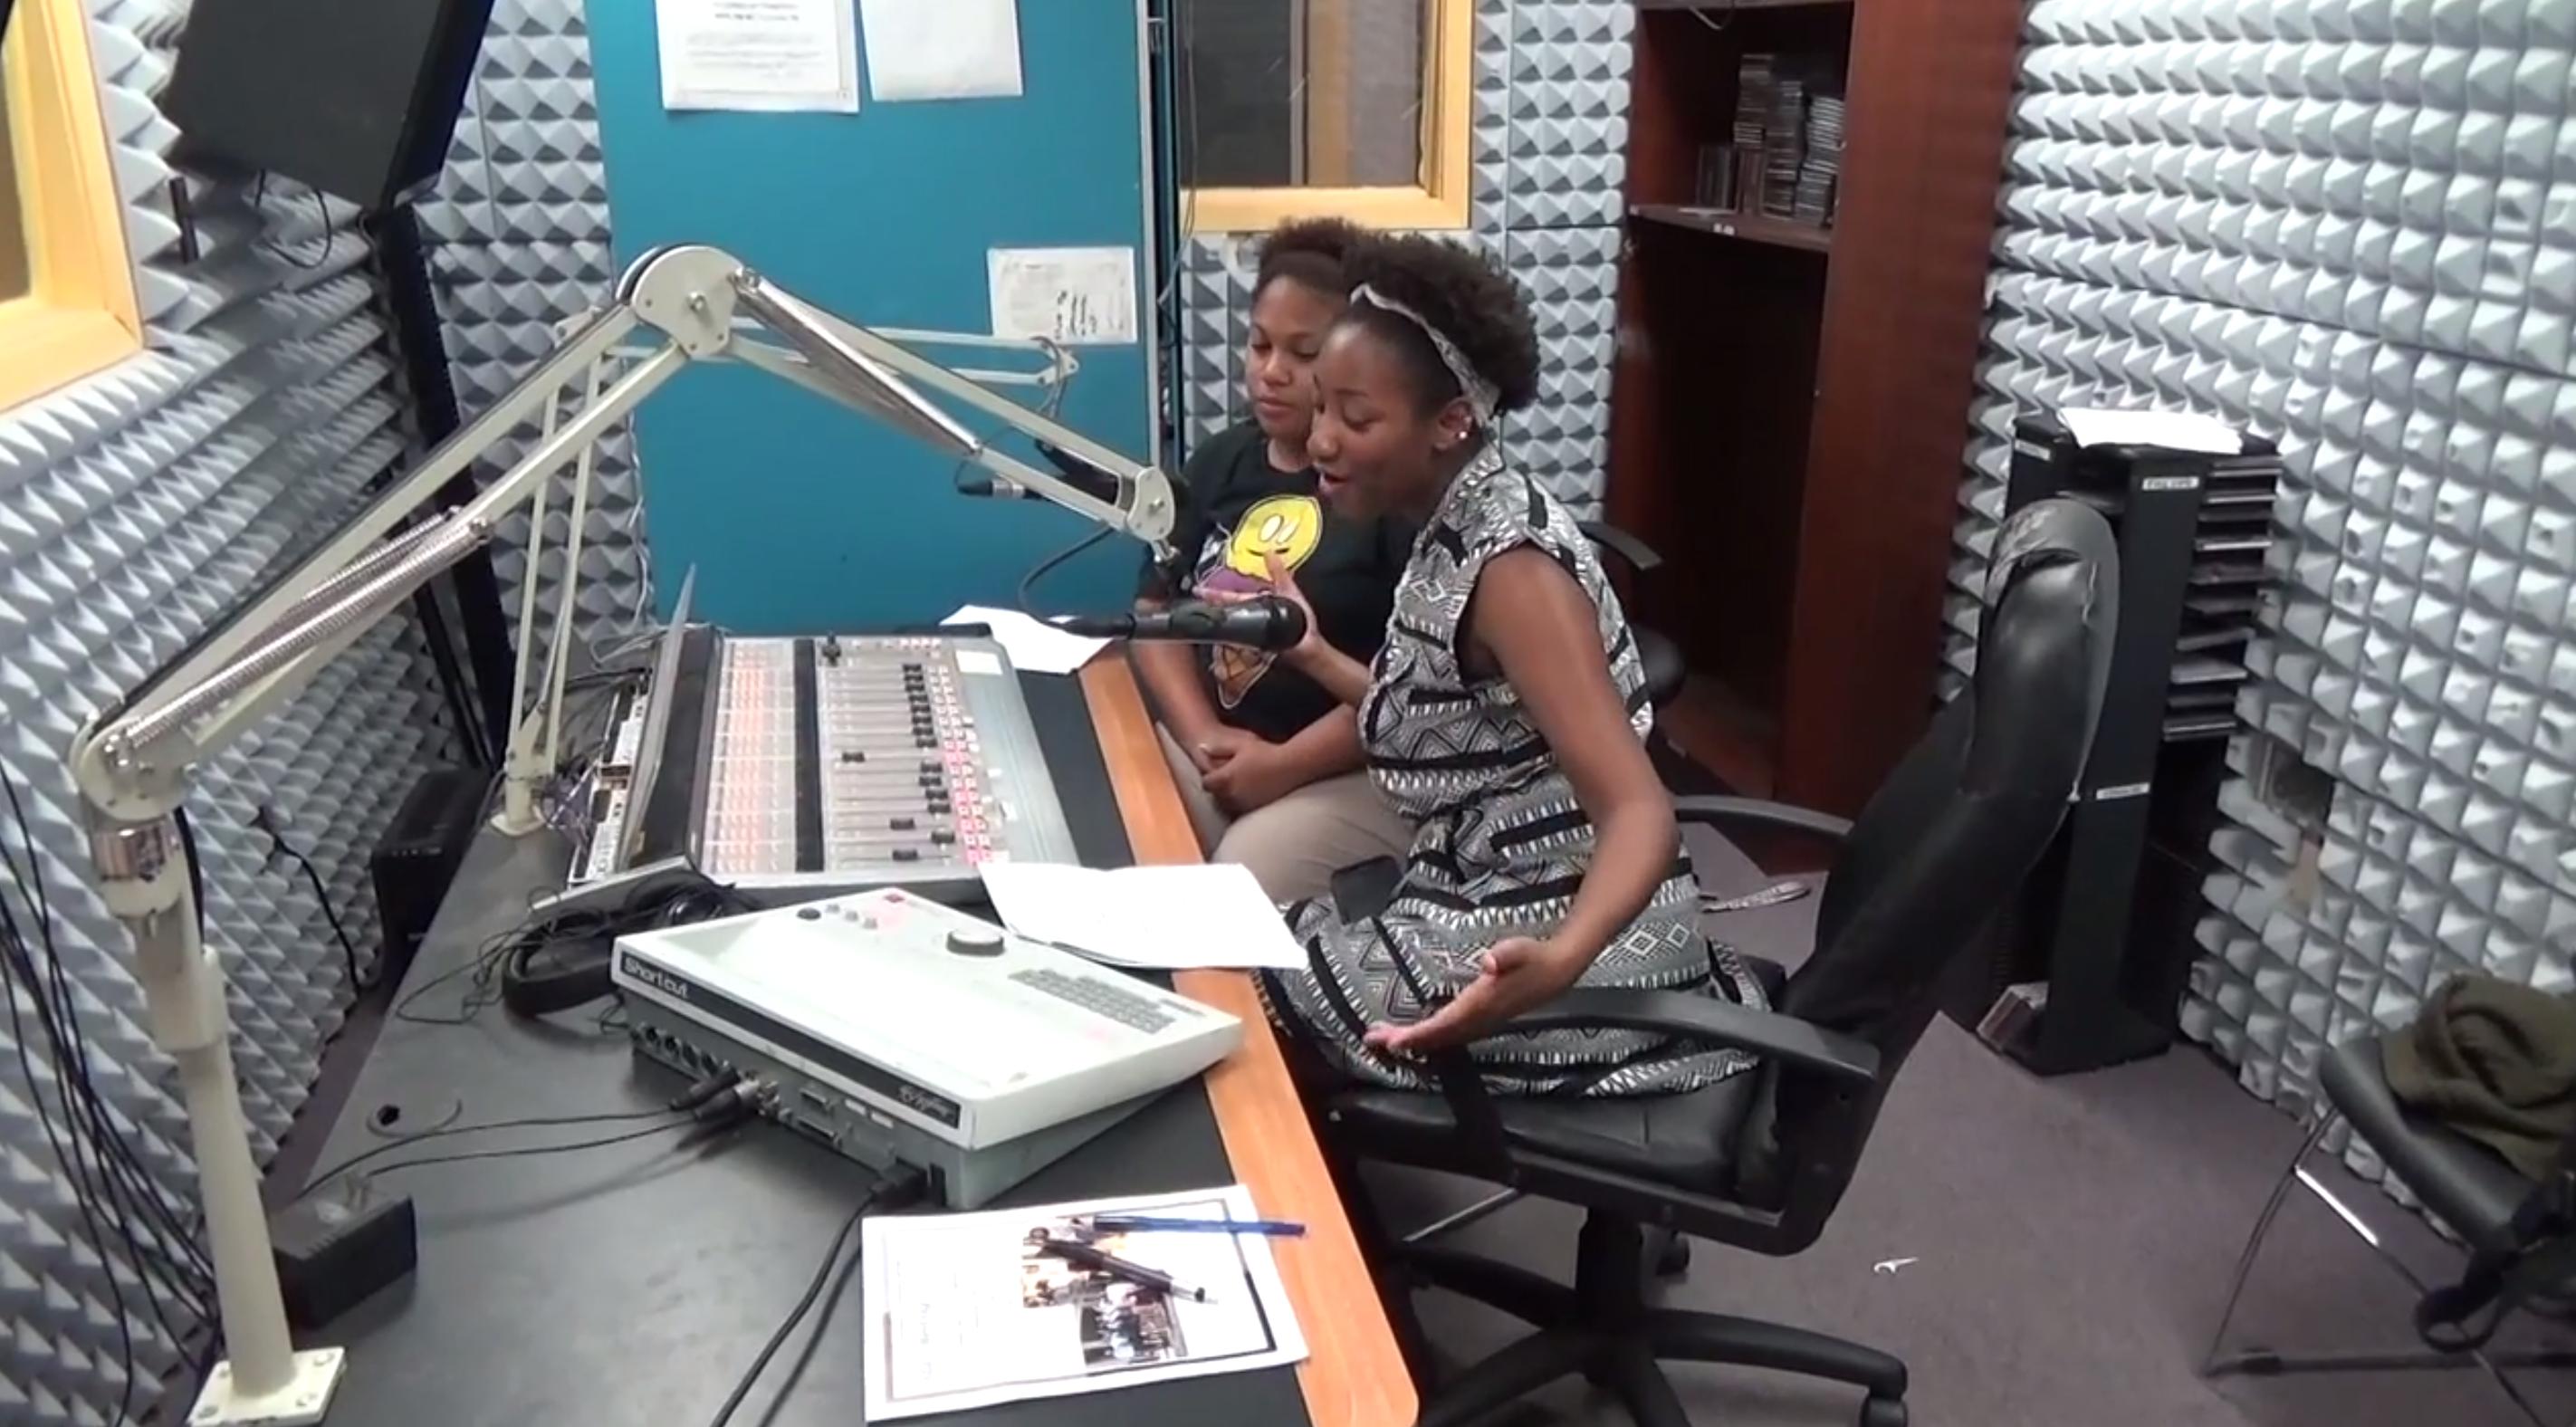 DJ Kenicxe With Her Show 'Popsi' on WPRL 91.7 FM